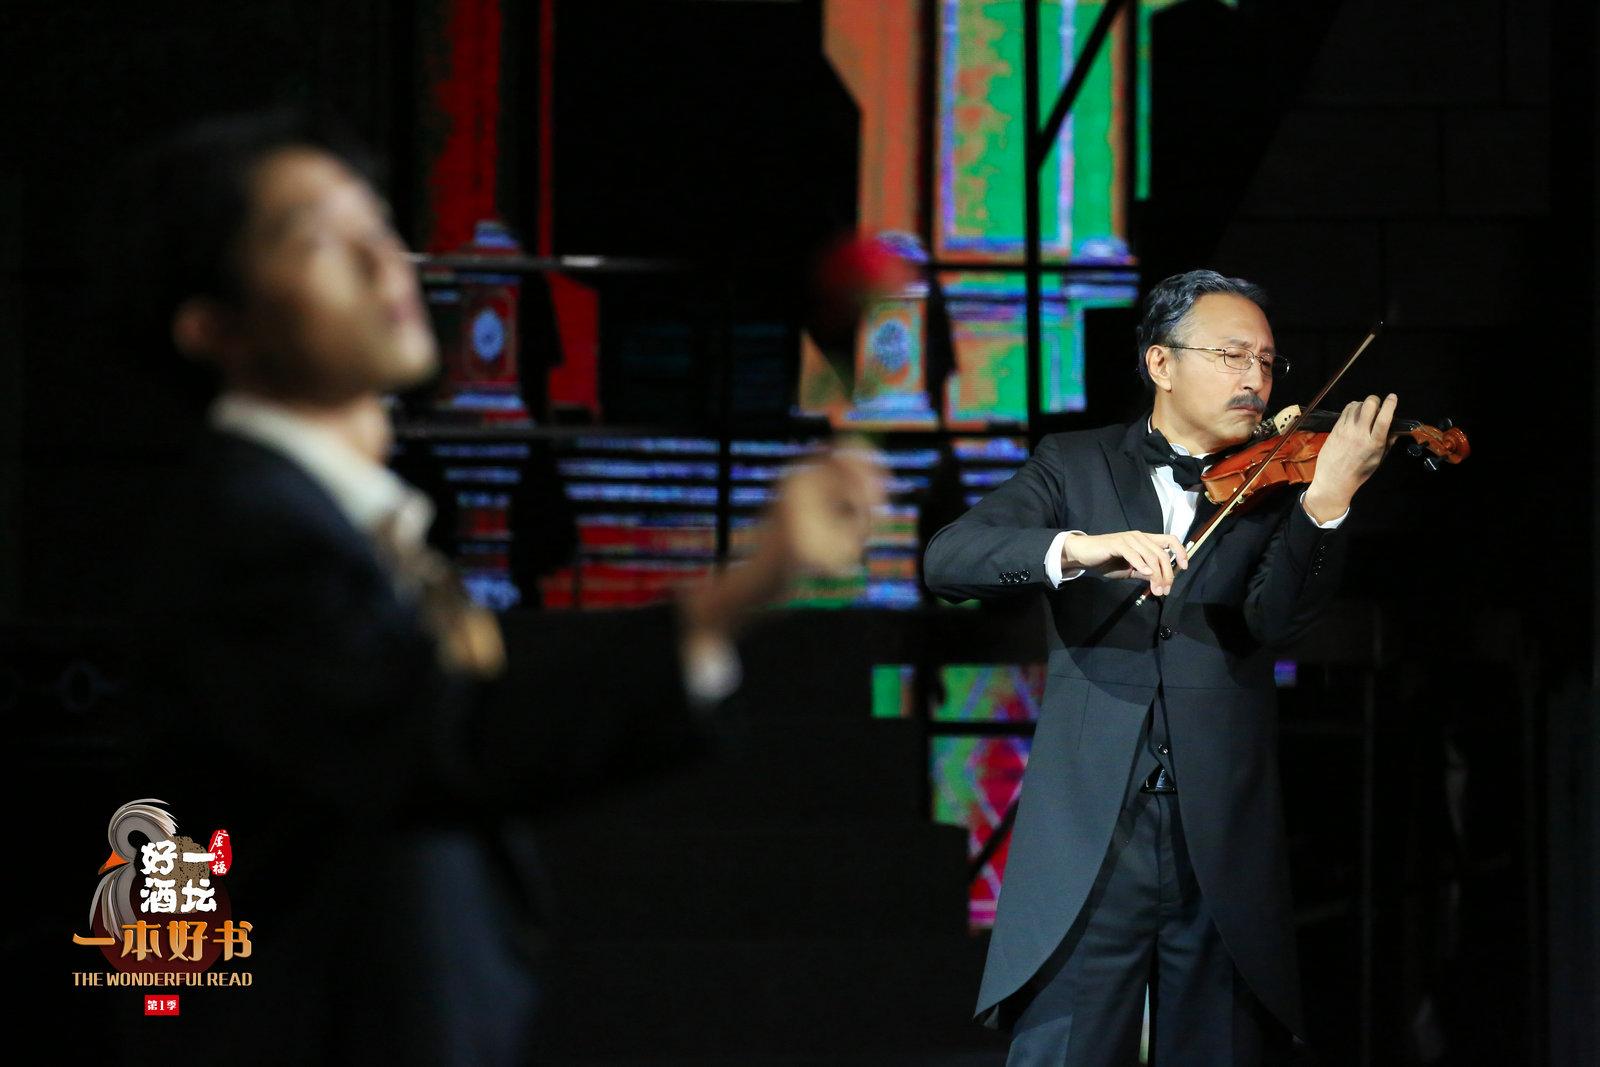 《一本好书》王洛勇现场拉小提琴 史航写血书被退?_娱乐频道_亚博